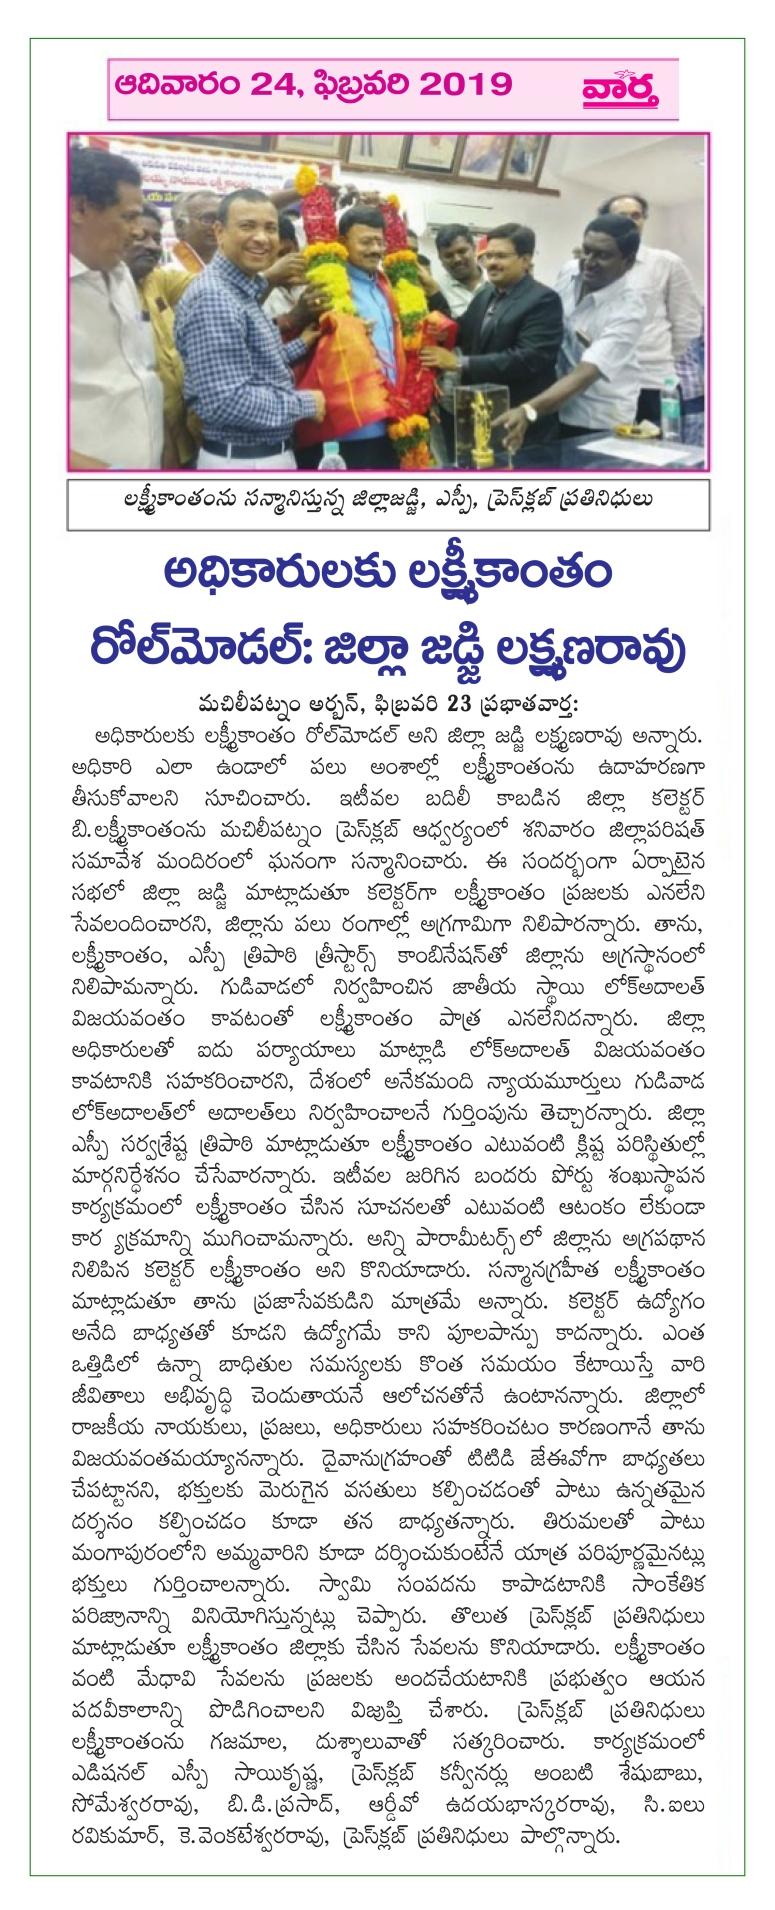 Felicitation at Machilipatnam by Dist Judge Vaartha 24-02-2019